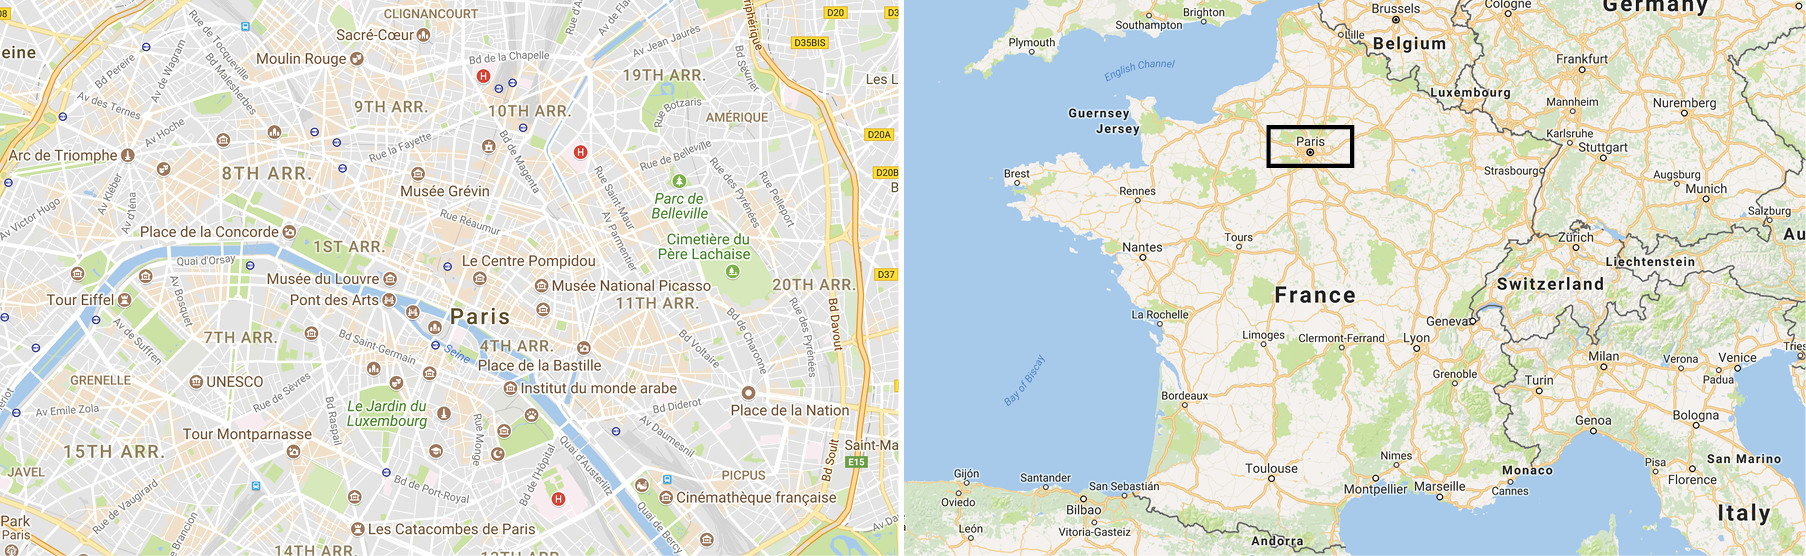 Map-Paris-France